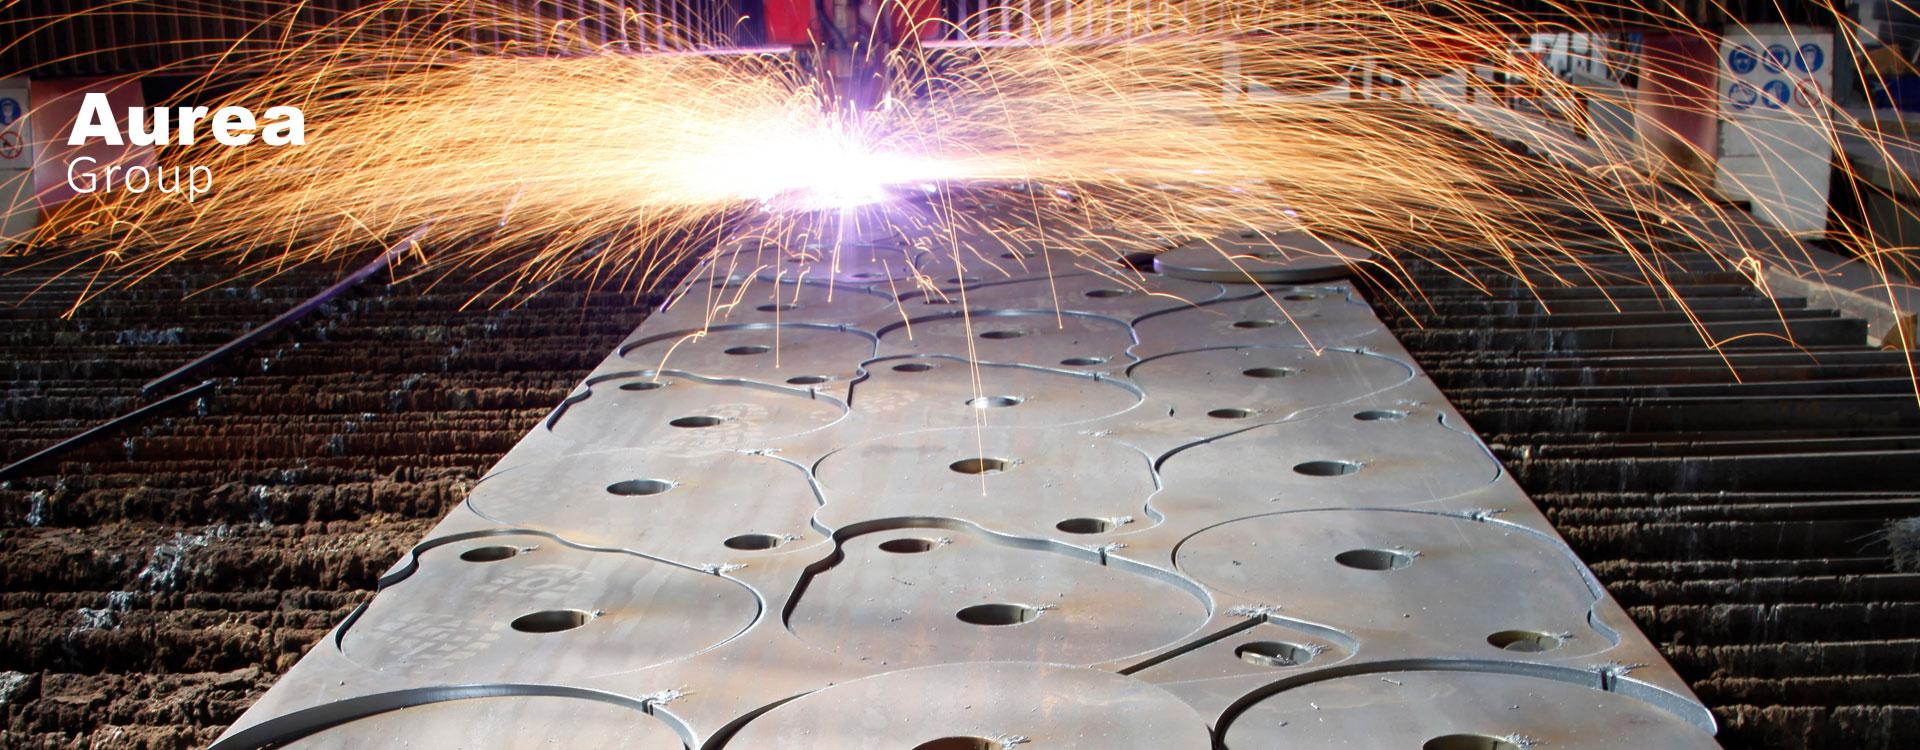 aurea-group_osavalmistus-metalliteollisuus